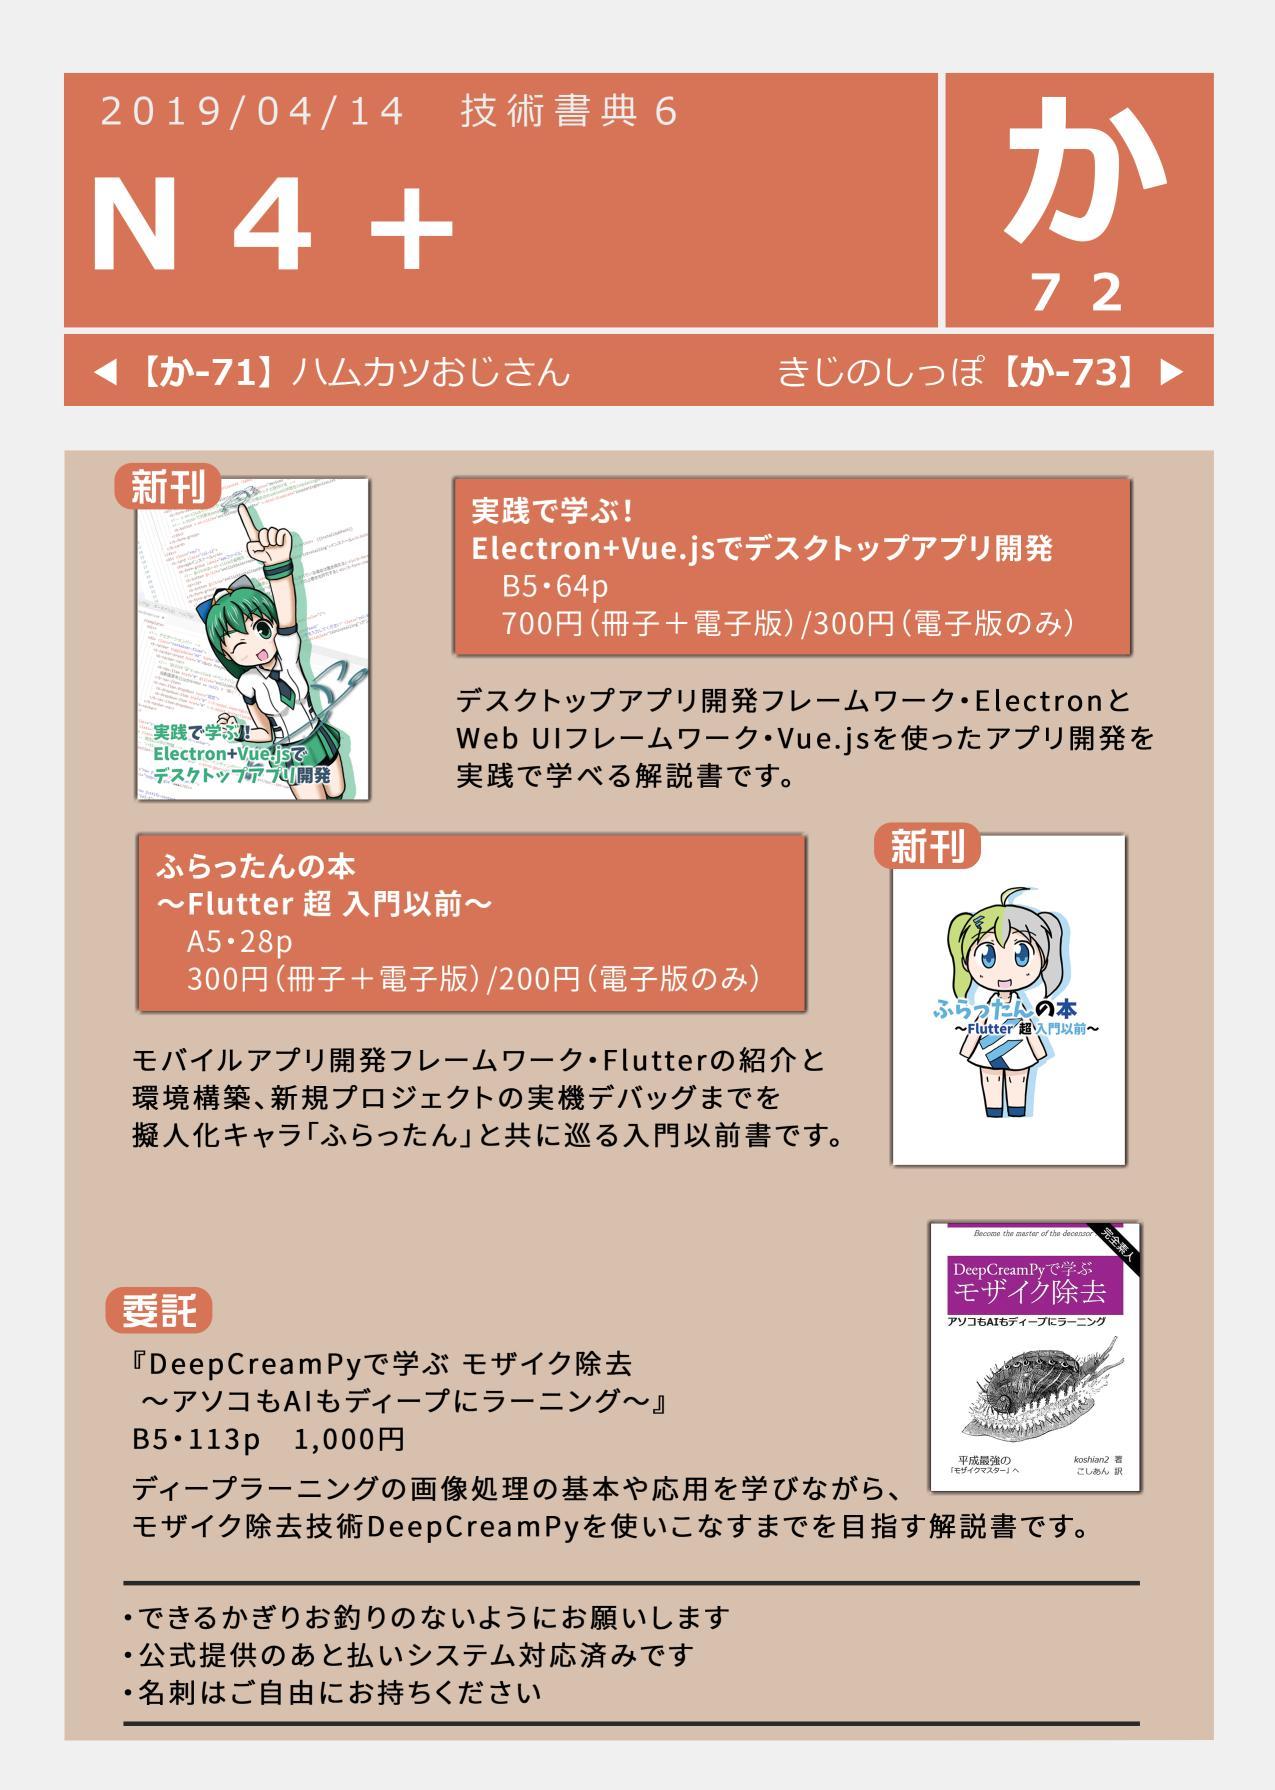 技術書典6・当日頒布情報   Shikoan's ML Blog